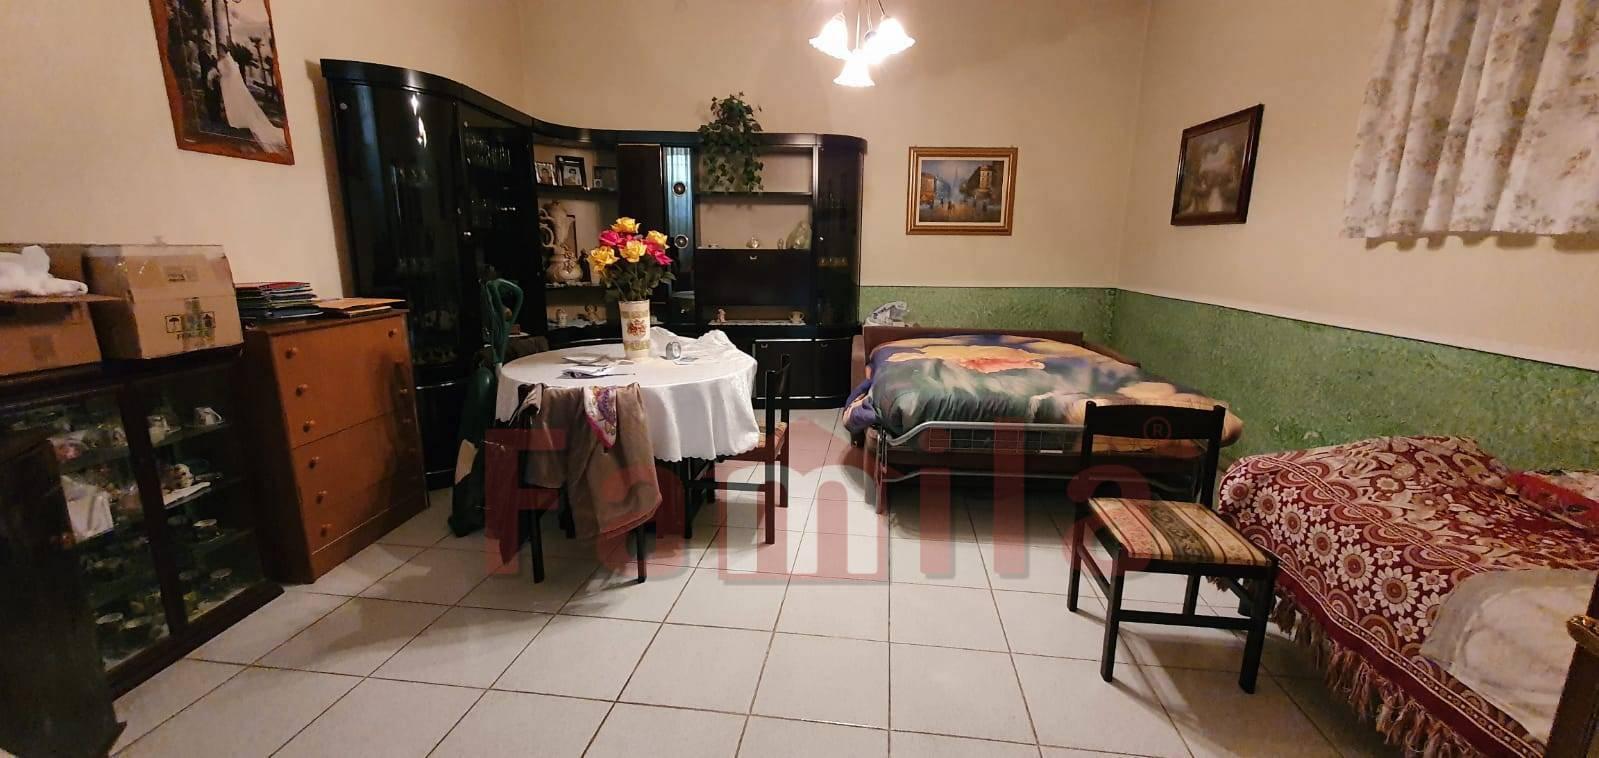 Casa indipendente in vendita a Sirignano (AV)